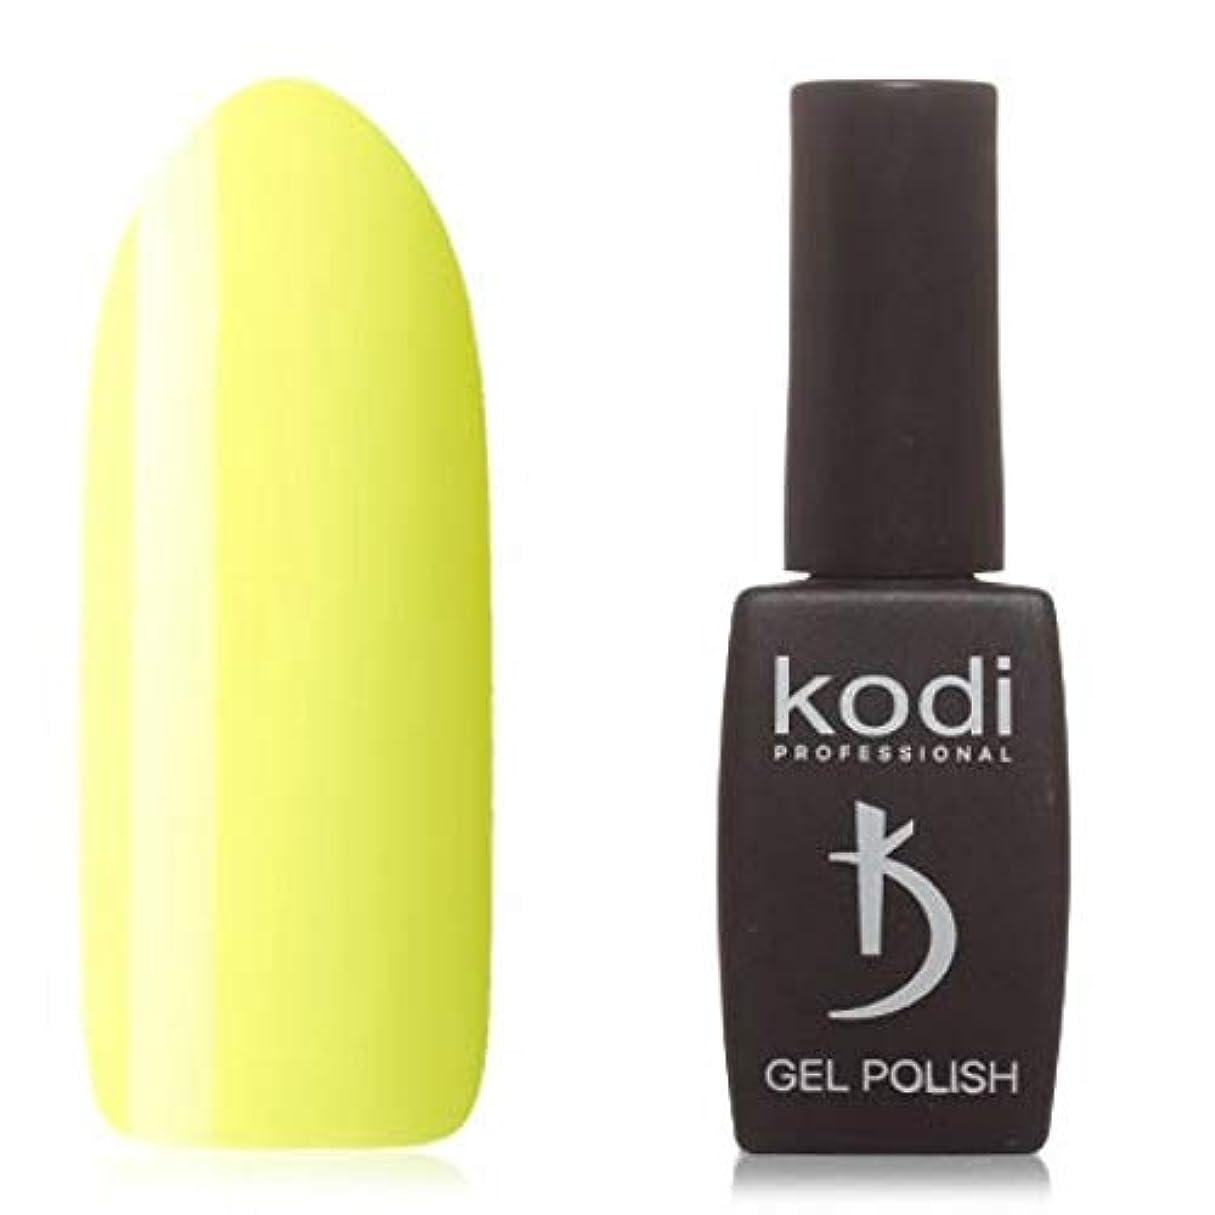 更新コークススカイKodi Professional New Collection BR BRIGHT #110 Color Gel Nail Polish 12ml 0.42 Fl Oz LED UV Genuine Soak Off